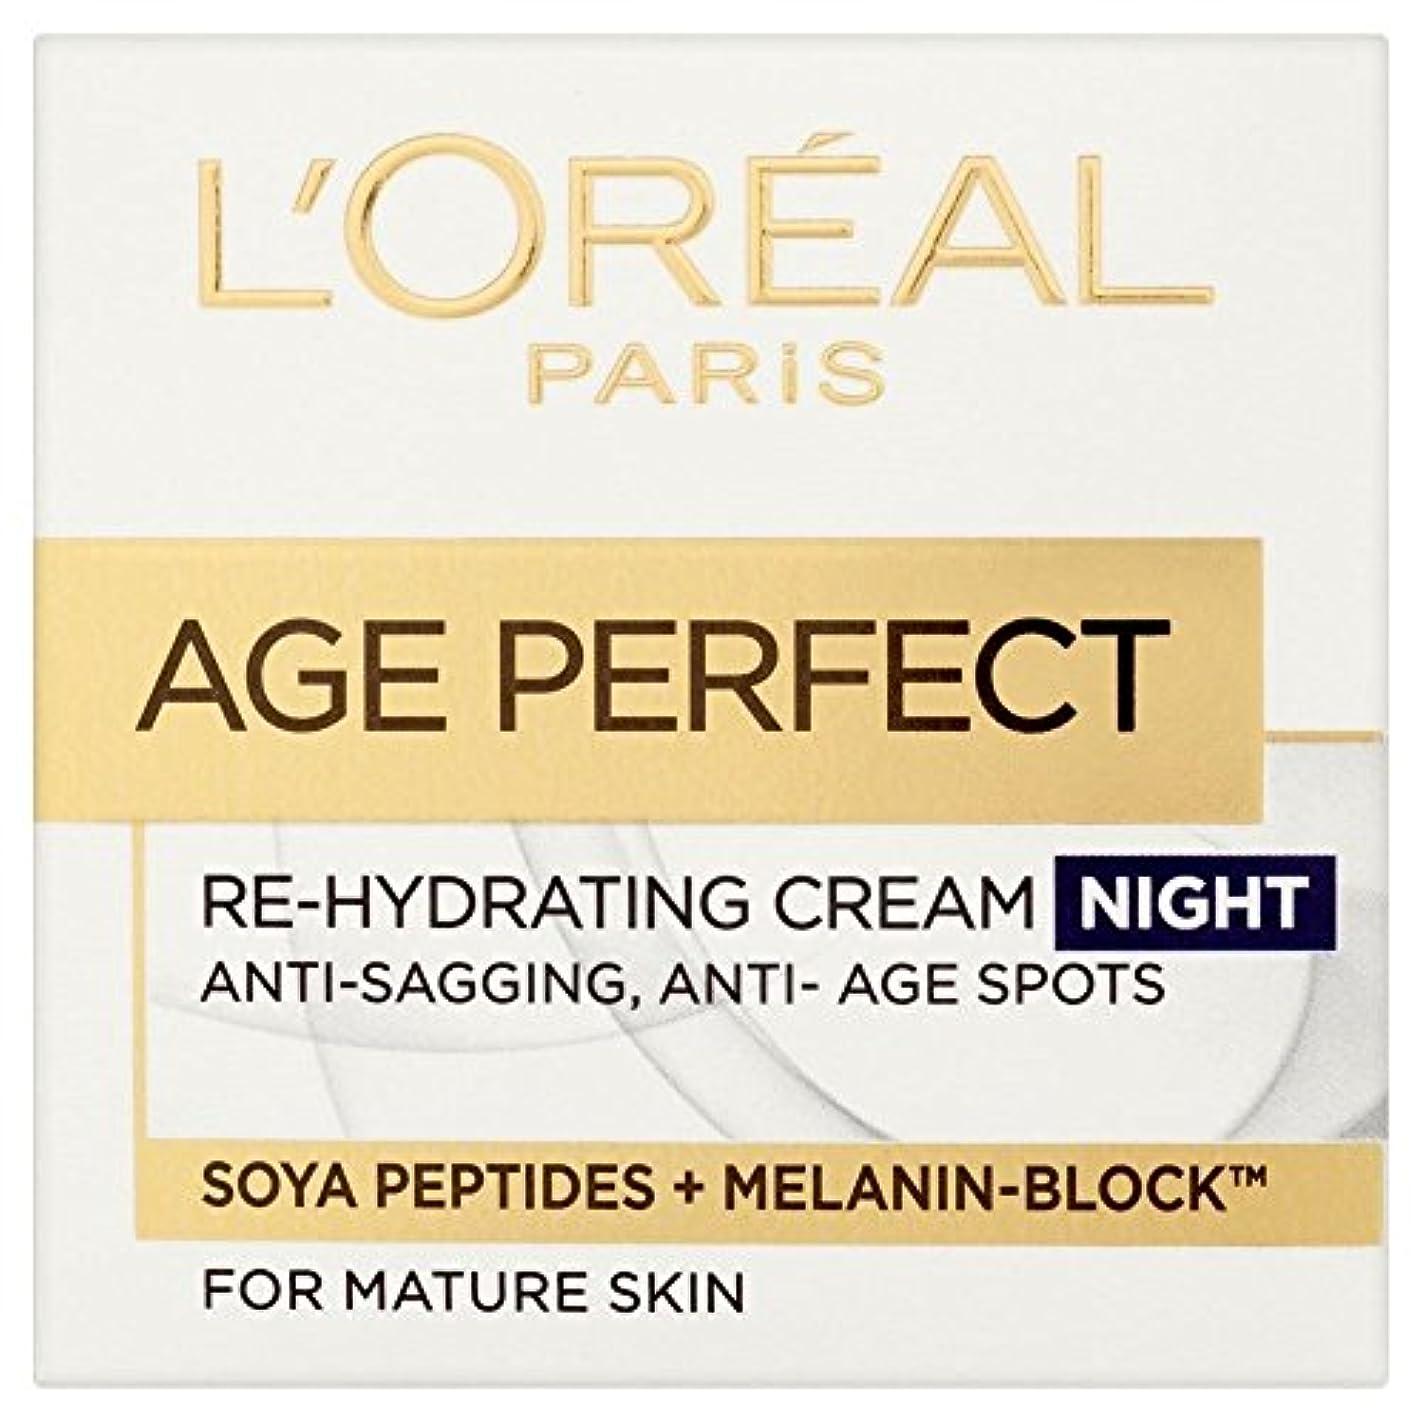 補償ゲートヶ月目L'Oréal Paris Alter Perfekte Pro-Calcium-Stärkende Nachtcreme 50 Ml - Packung mit 2